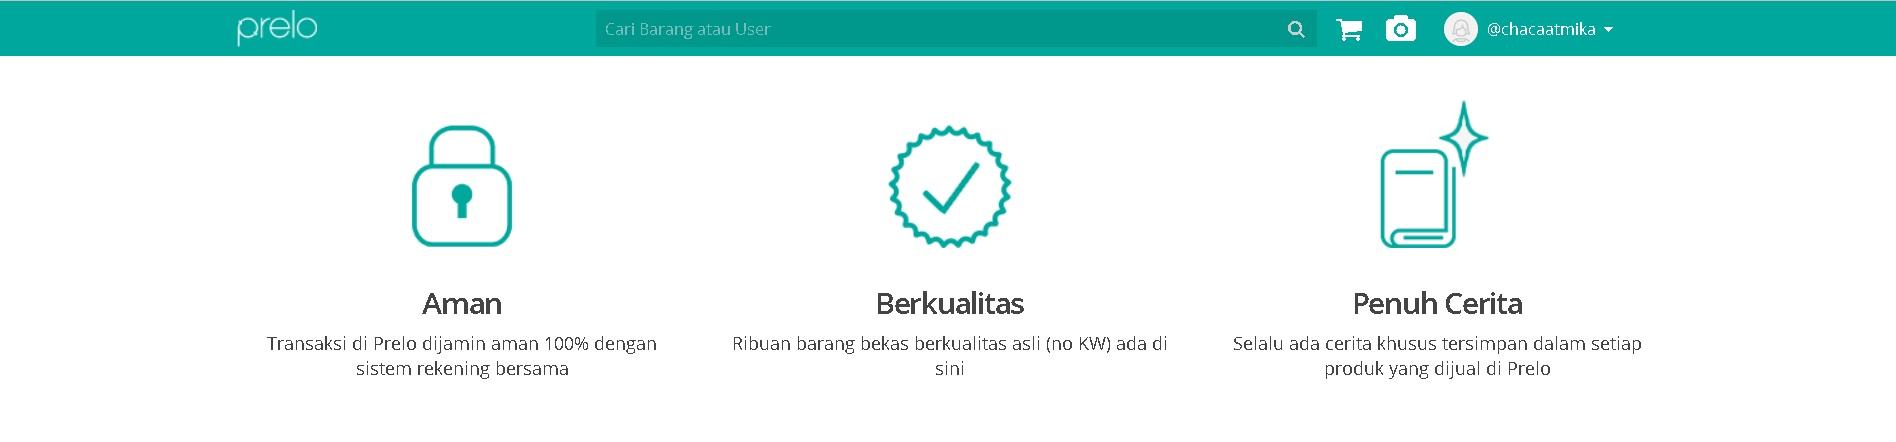 Jual Beli Barang Bekas yang Berkualitas di Aplikasi Prelo